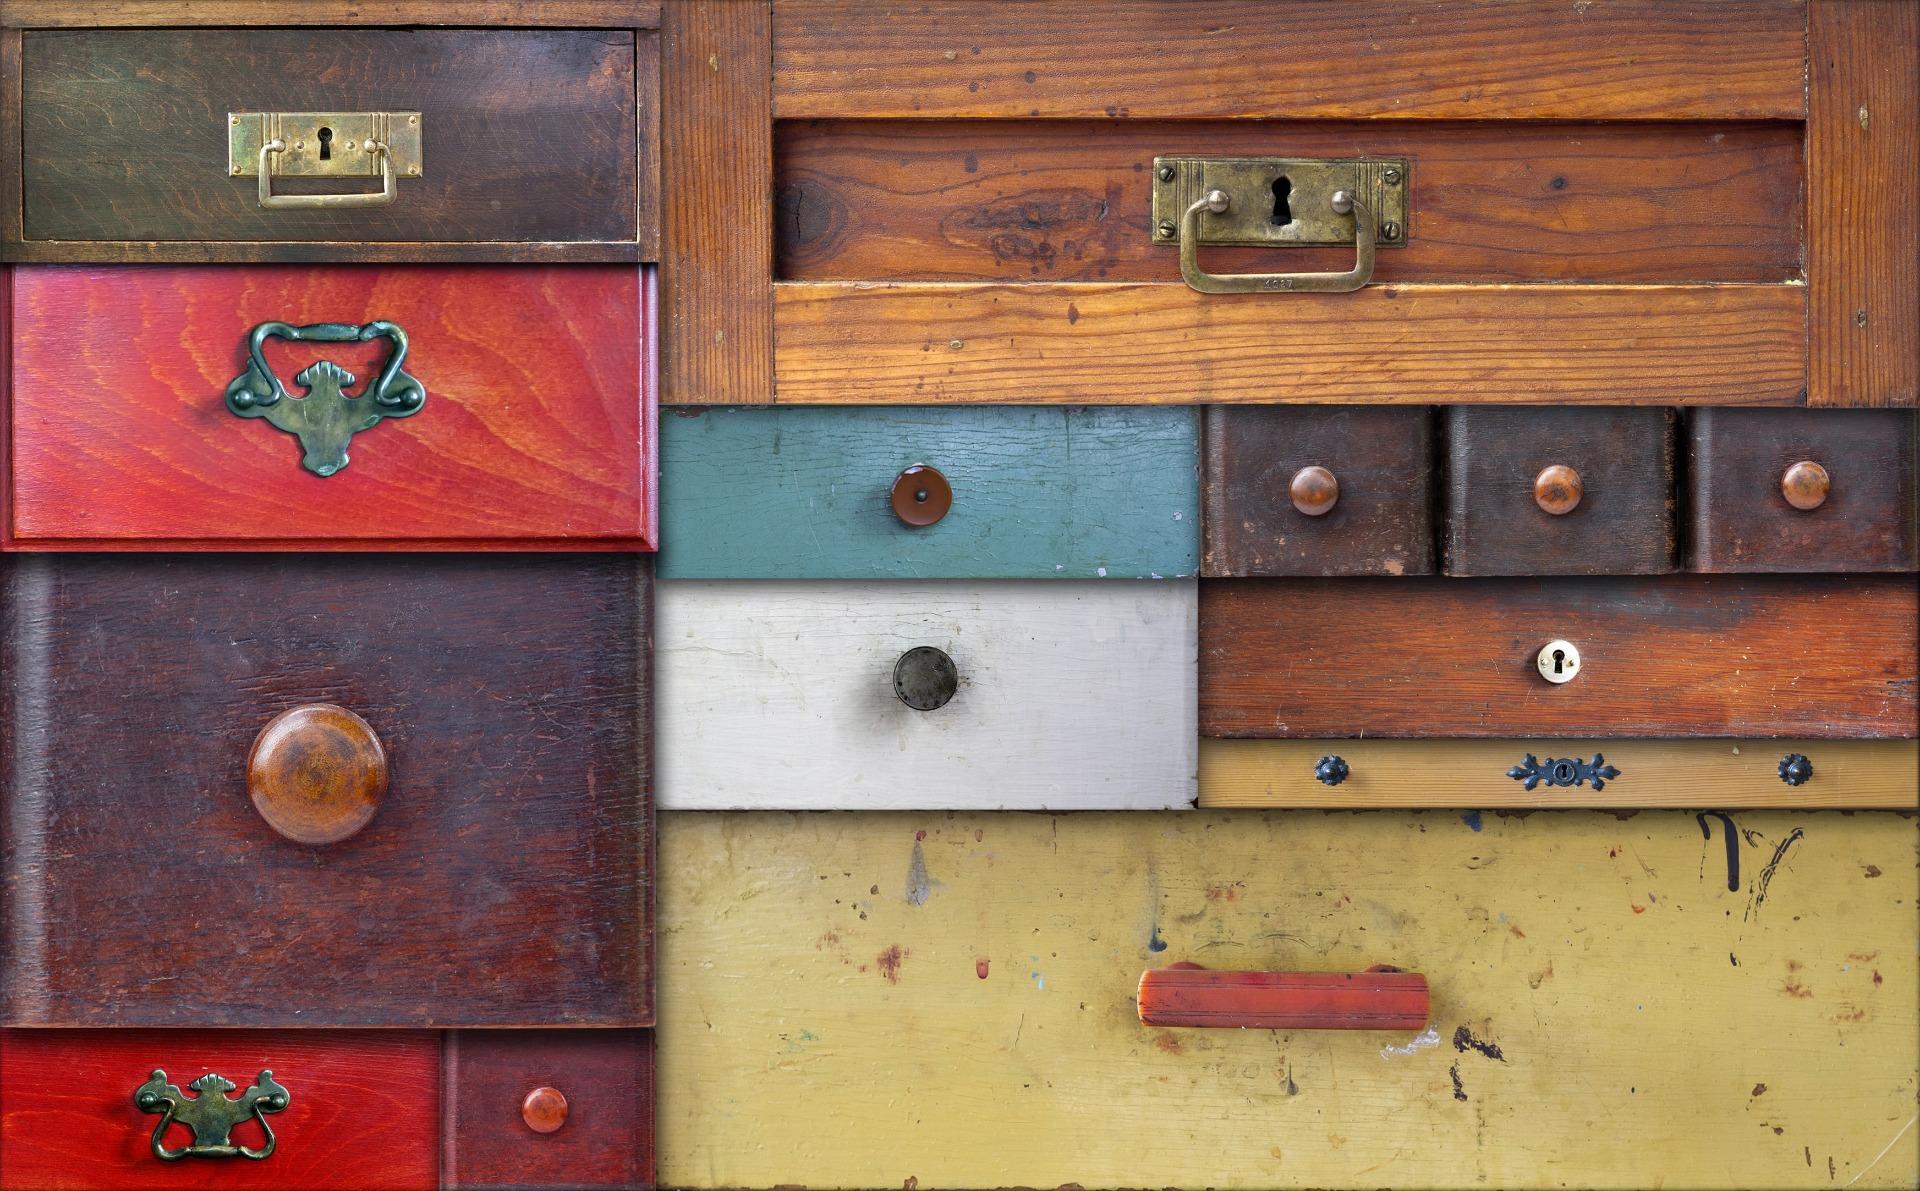 Das Bild zeigt Schubladen aus Holz.